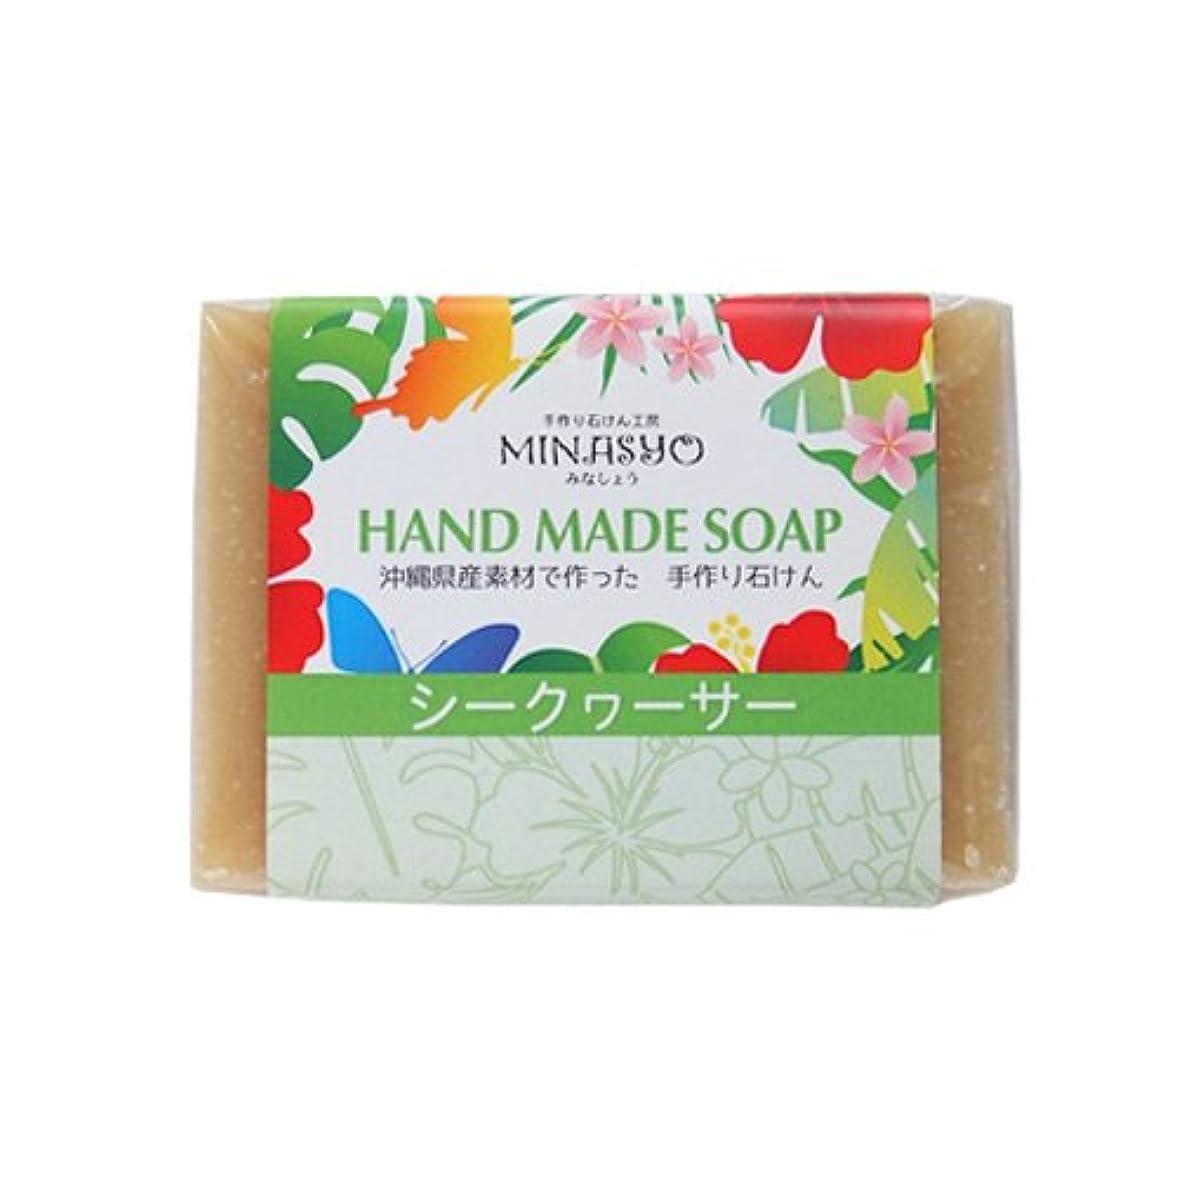 囲まれた歌石灰岩洗顔石鹸 無添加 固形ハンドソープ ボディソープ 手作りシークワーサー石鹸